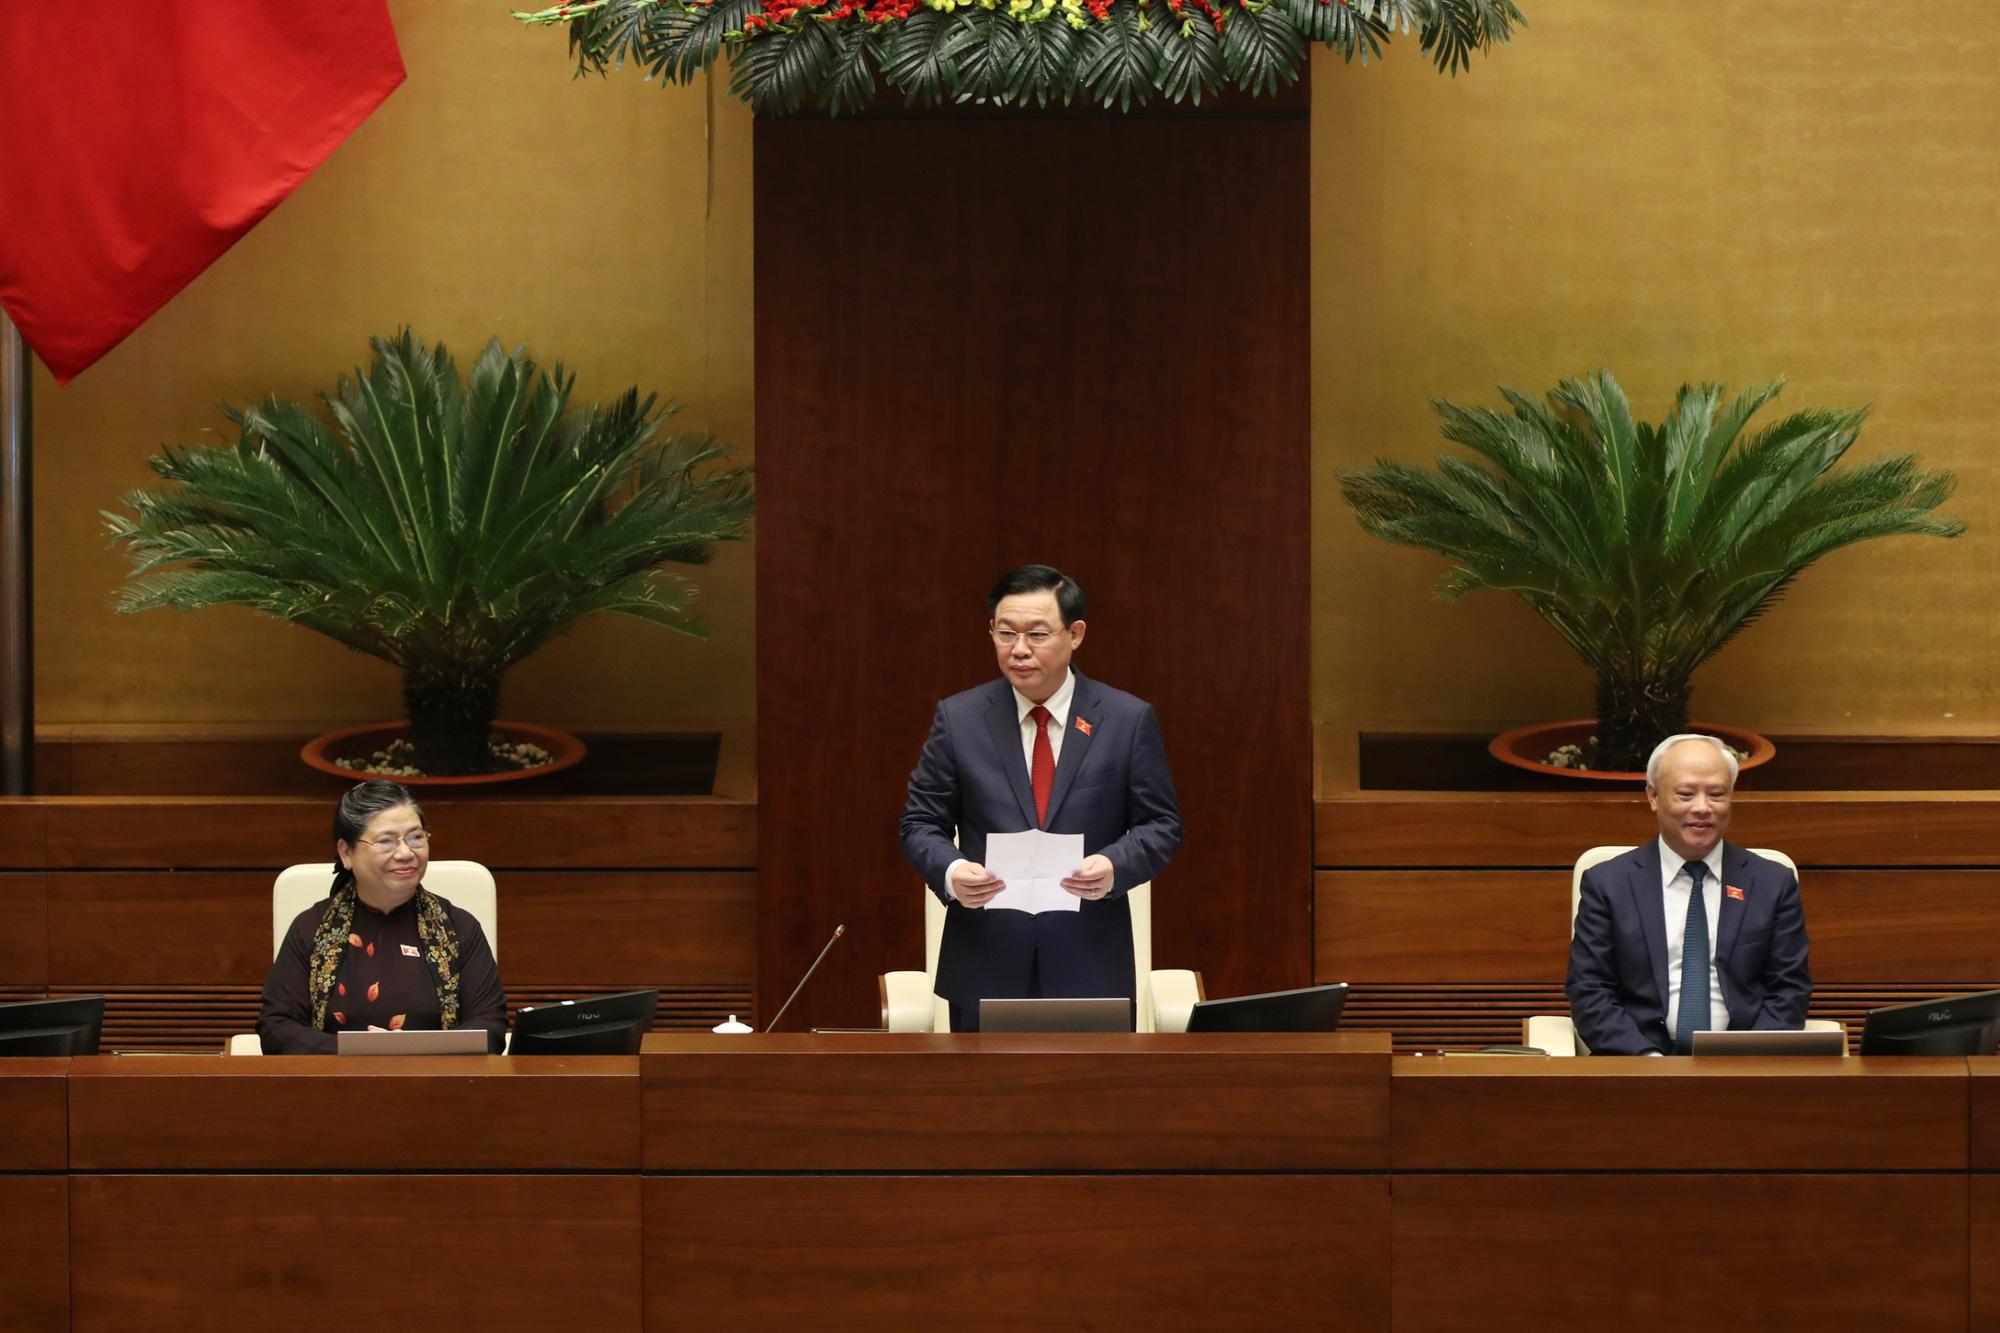 Ảnh: Tân Chủ tịch Quốc hội Vương Đình Huệ tuyên thệ nhậm chức, điều hành phiên họp - Ảnh 6.